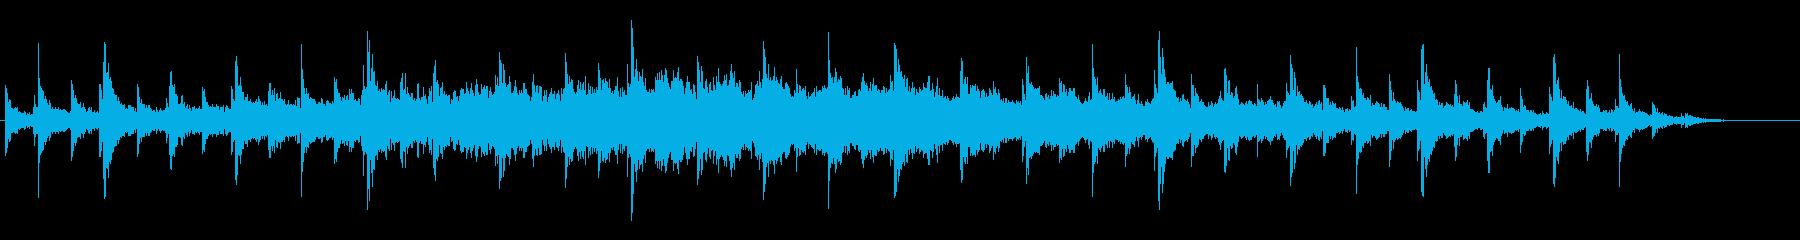 エスニックな葬送行進曲のような音風景の再生済みの波形